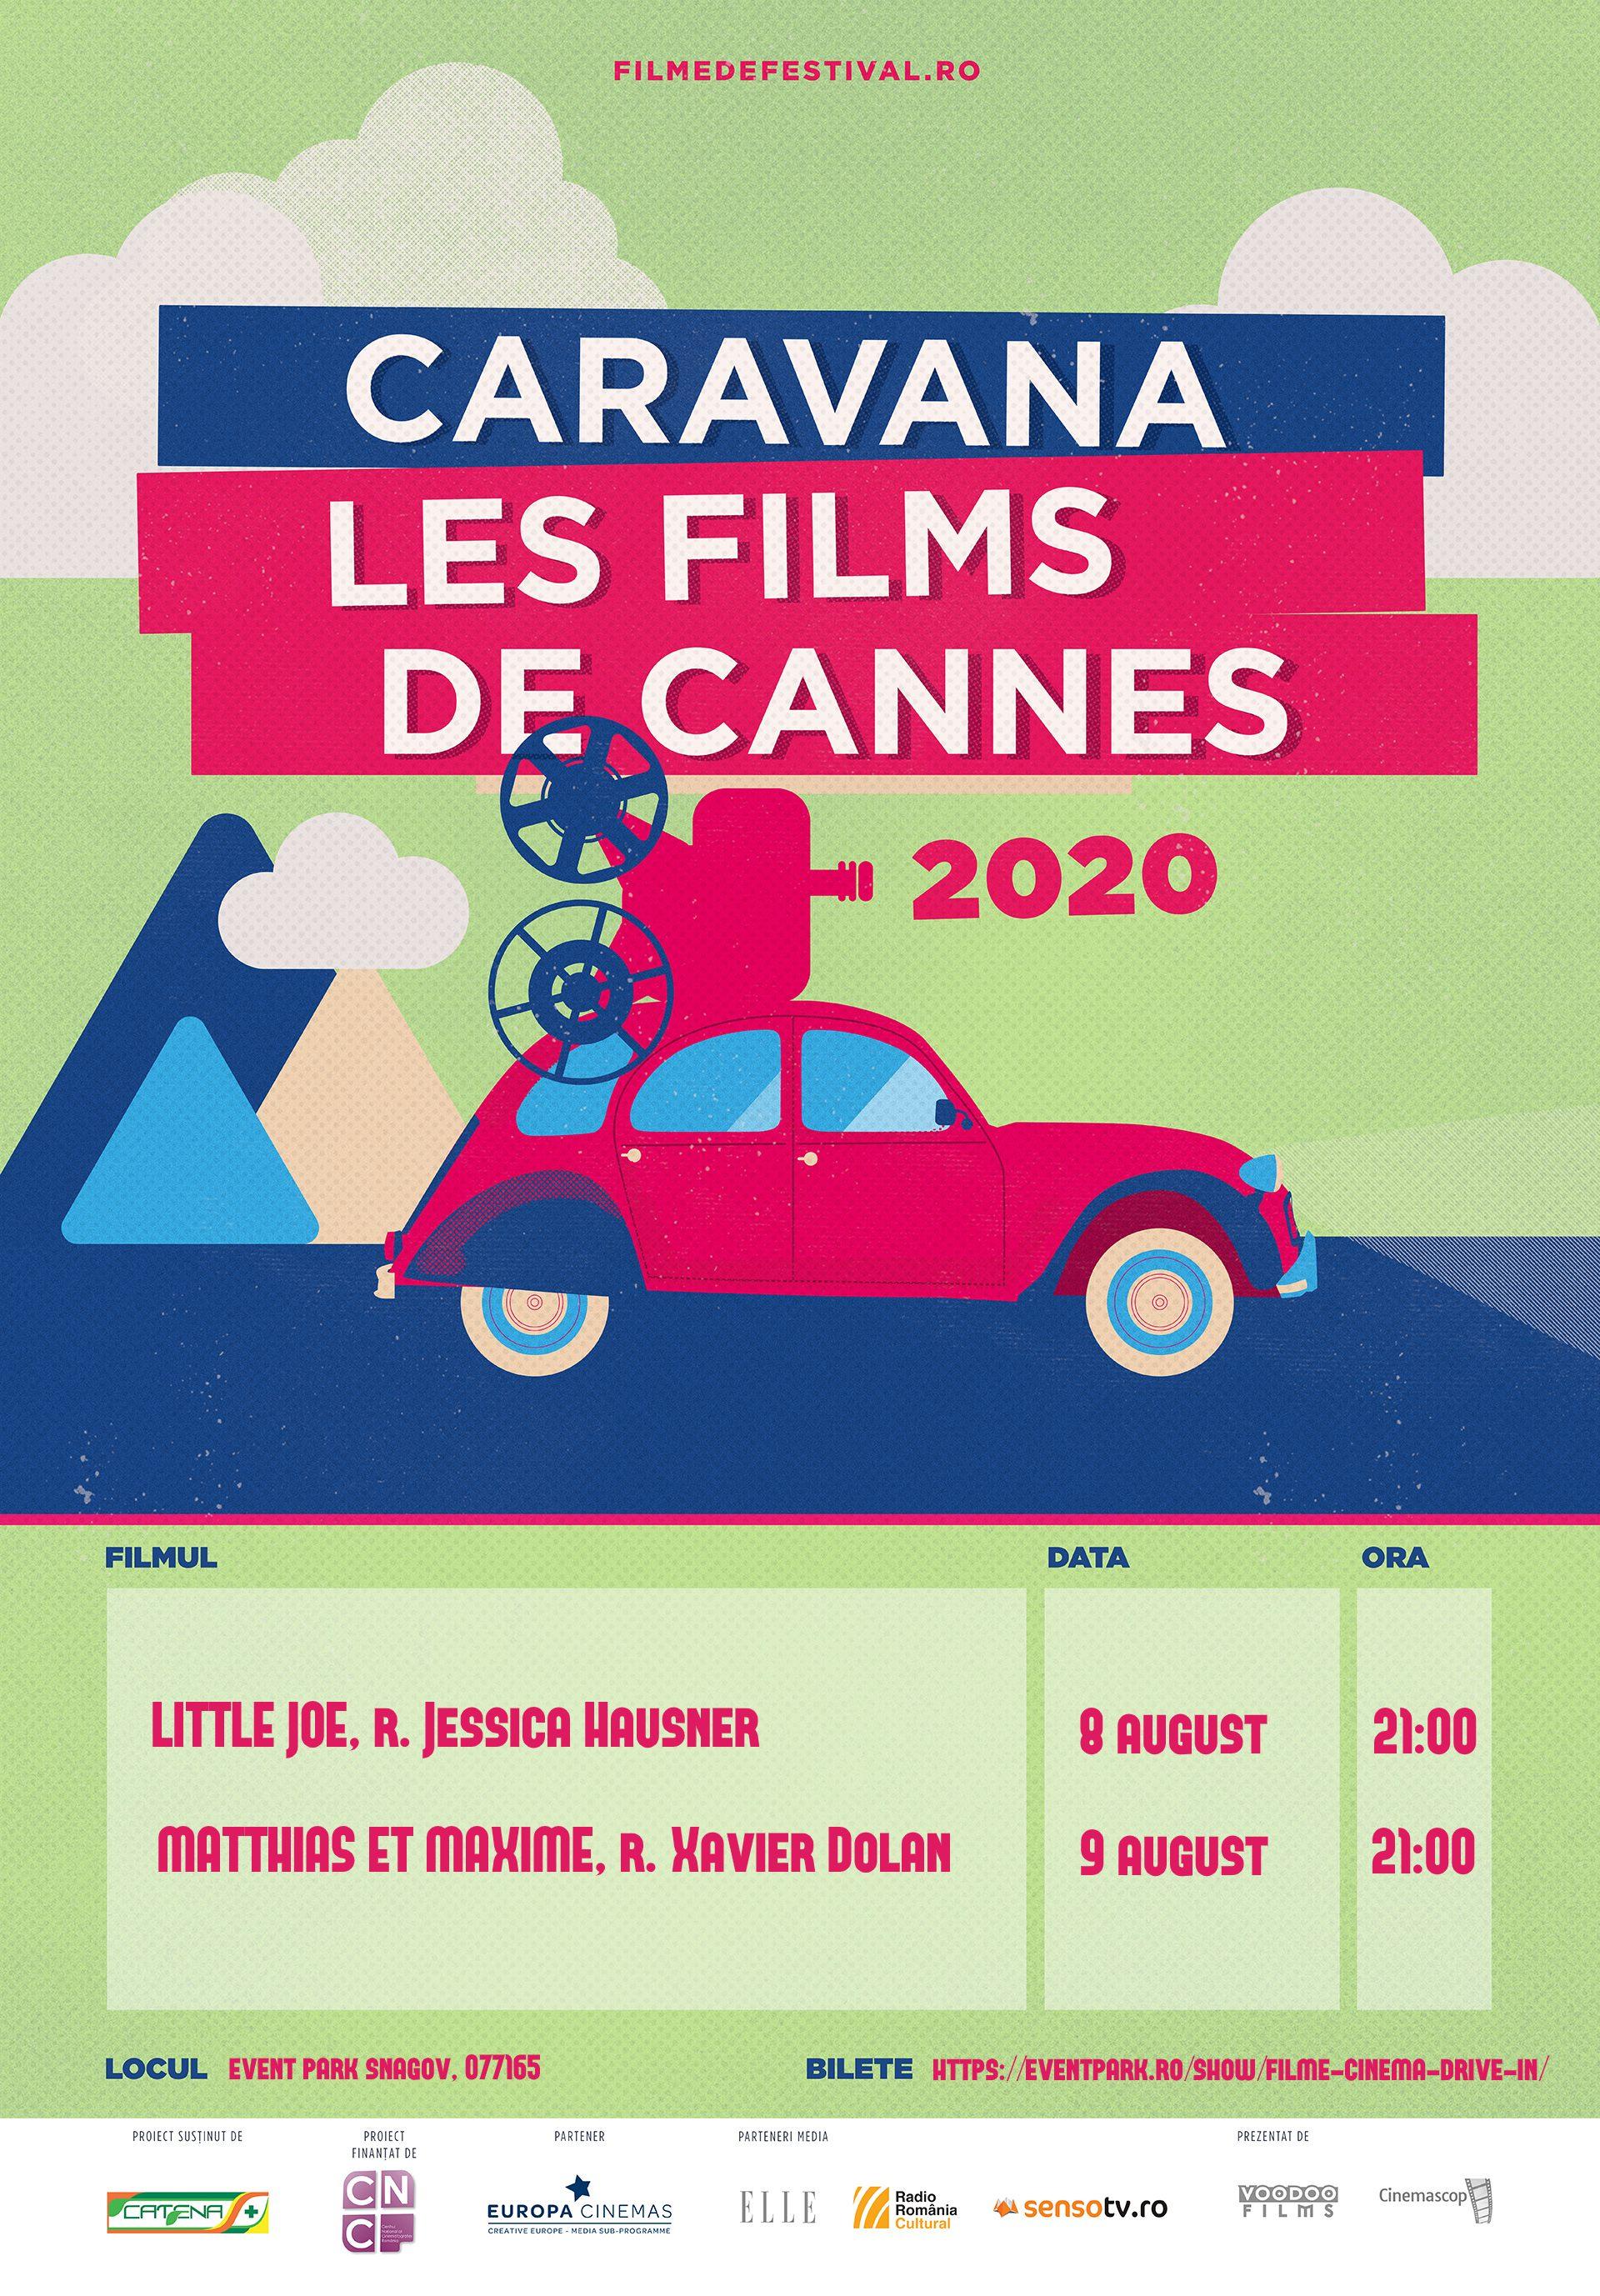 {focus_keyword} Weekend cu filme de pe croazetă aduse de Caravana Les Films de Cannes à Snagov - Cinema în aer liber pe 8 și 9 august la Event Park Snagov – Caravana Les Films de Cannes a Snagov